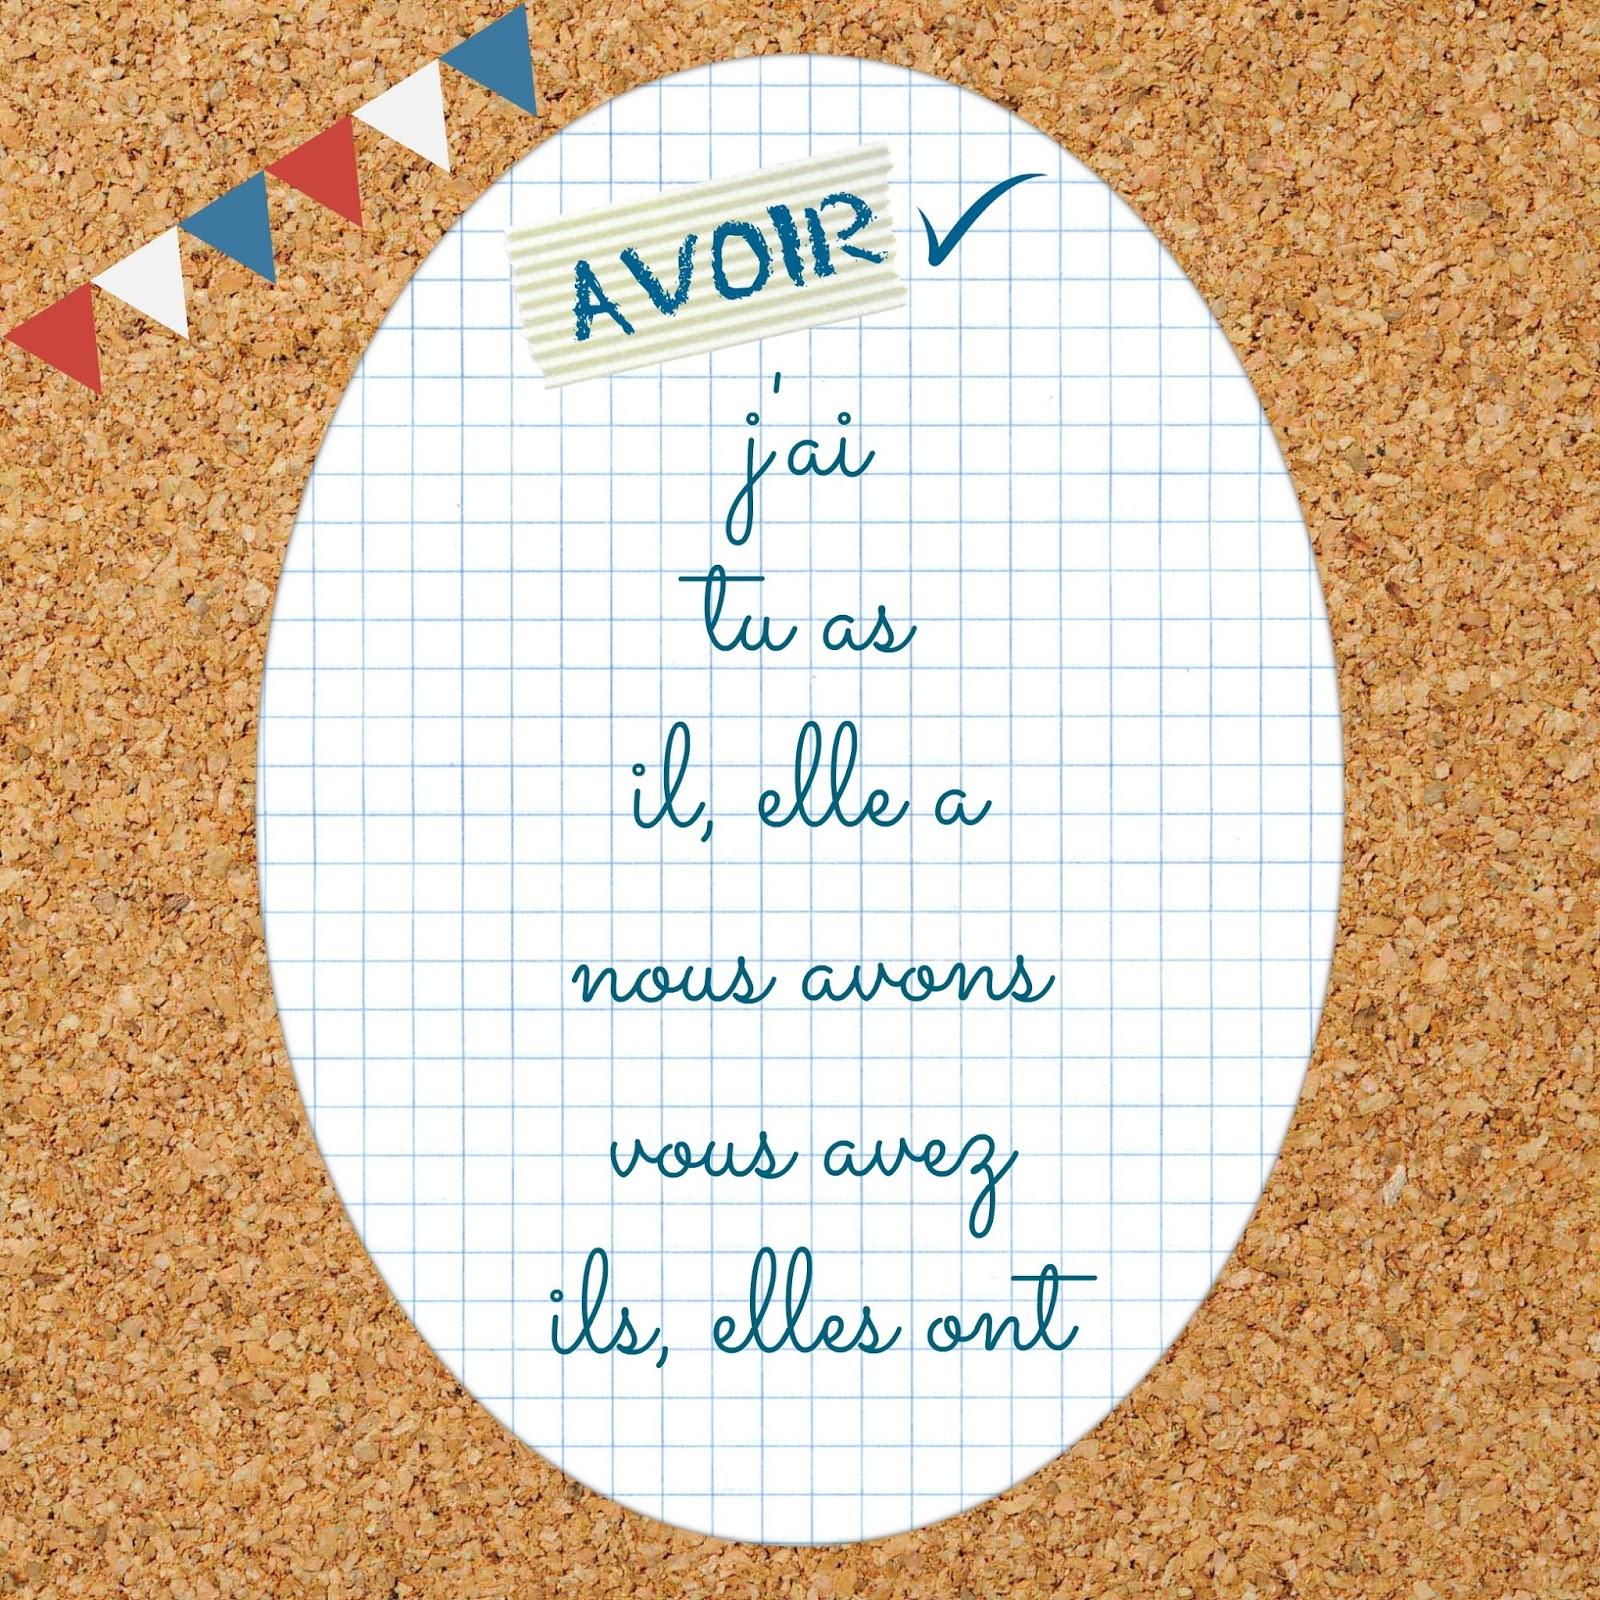 Czasowniki avoir - odmiana czasownika - Francuski przy kawie